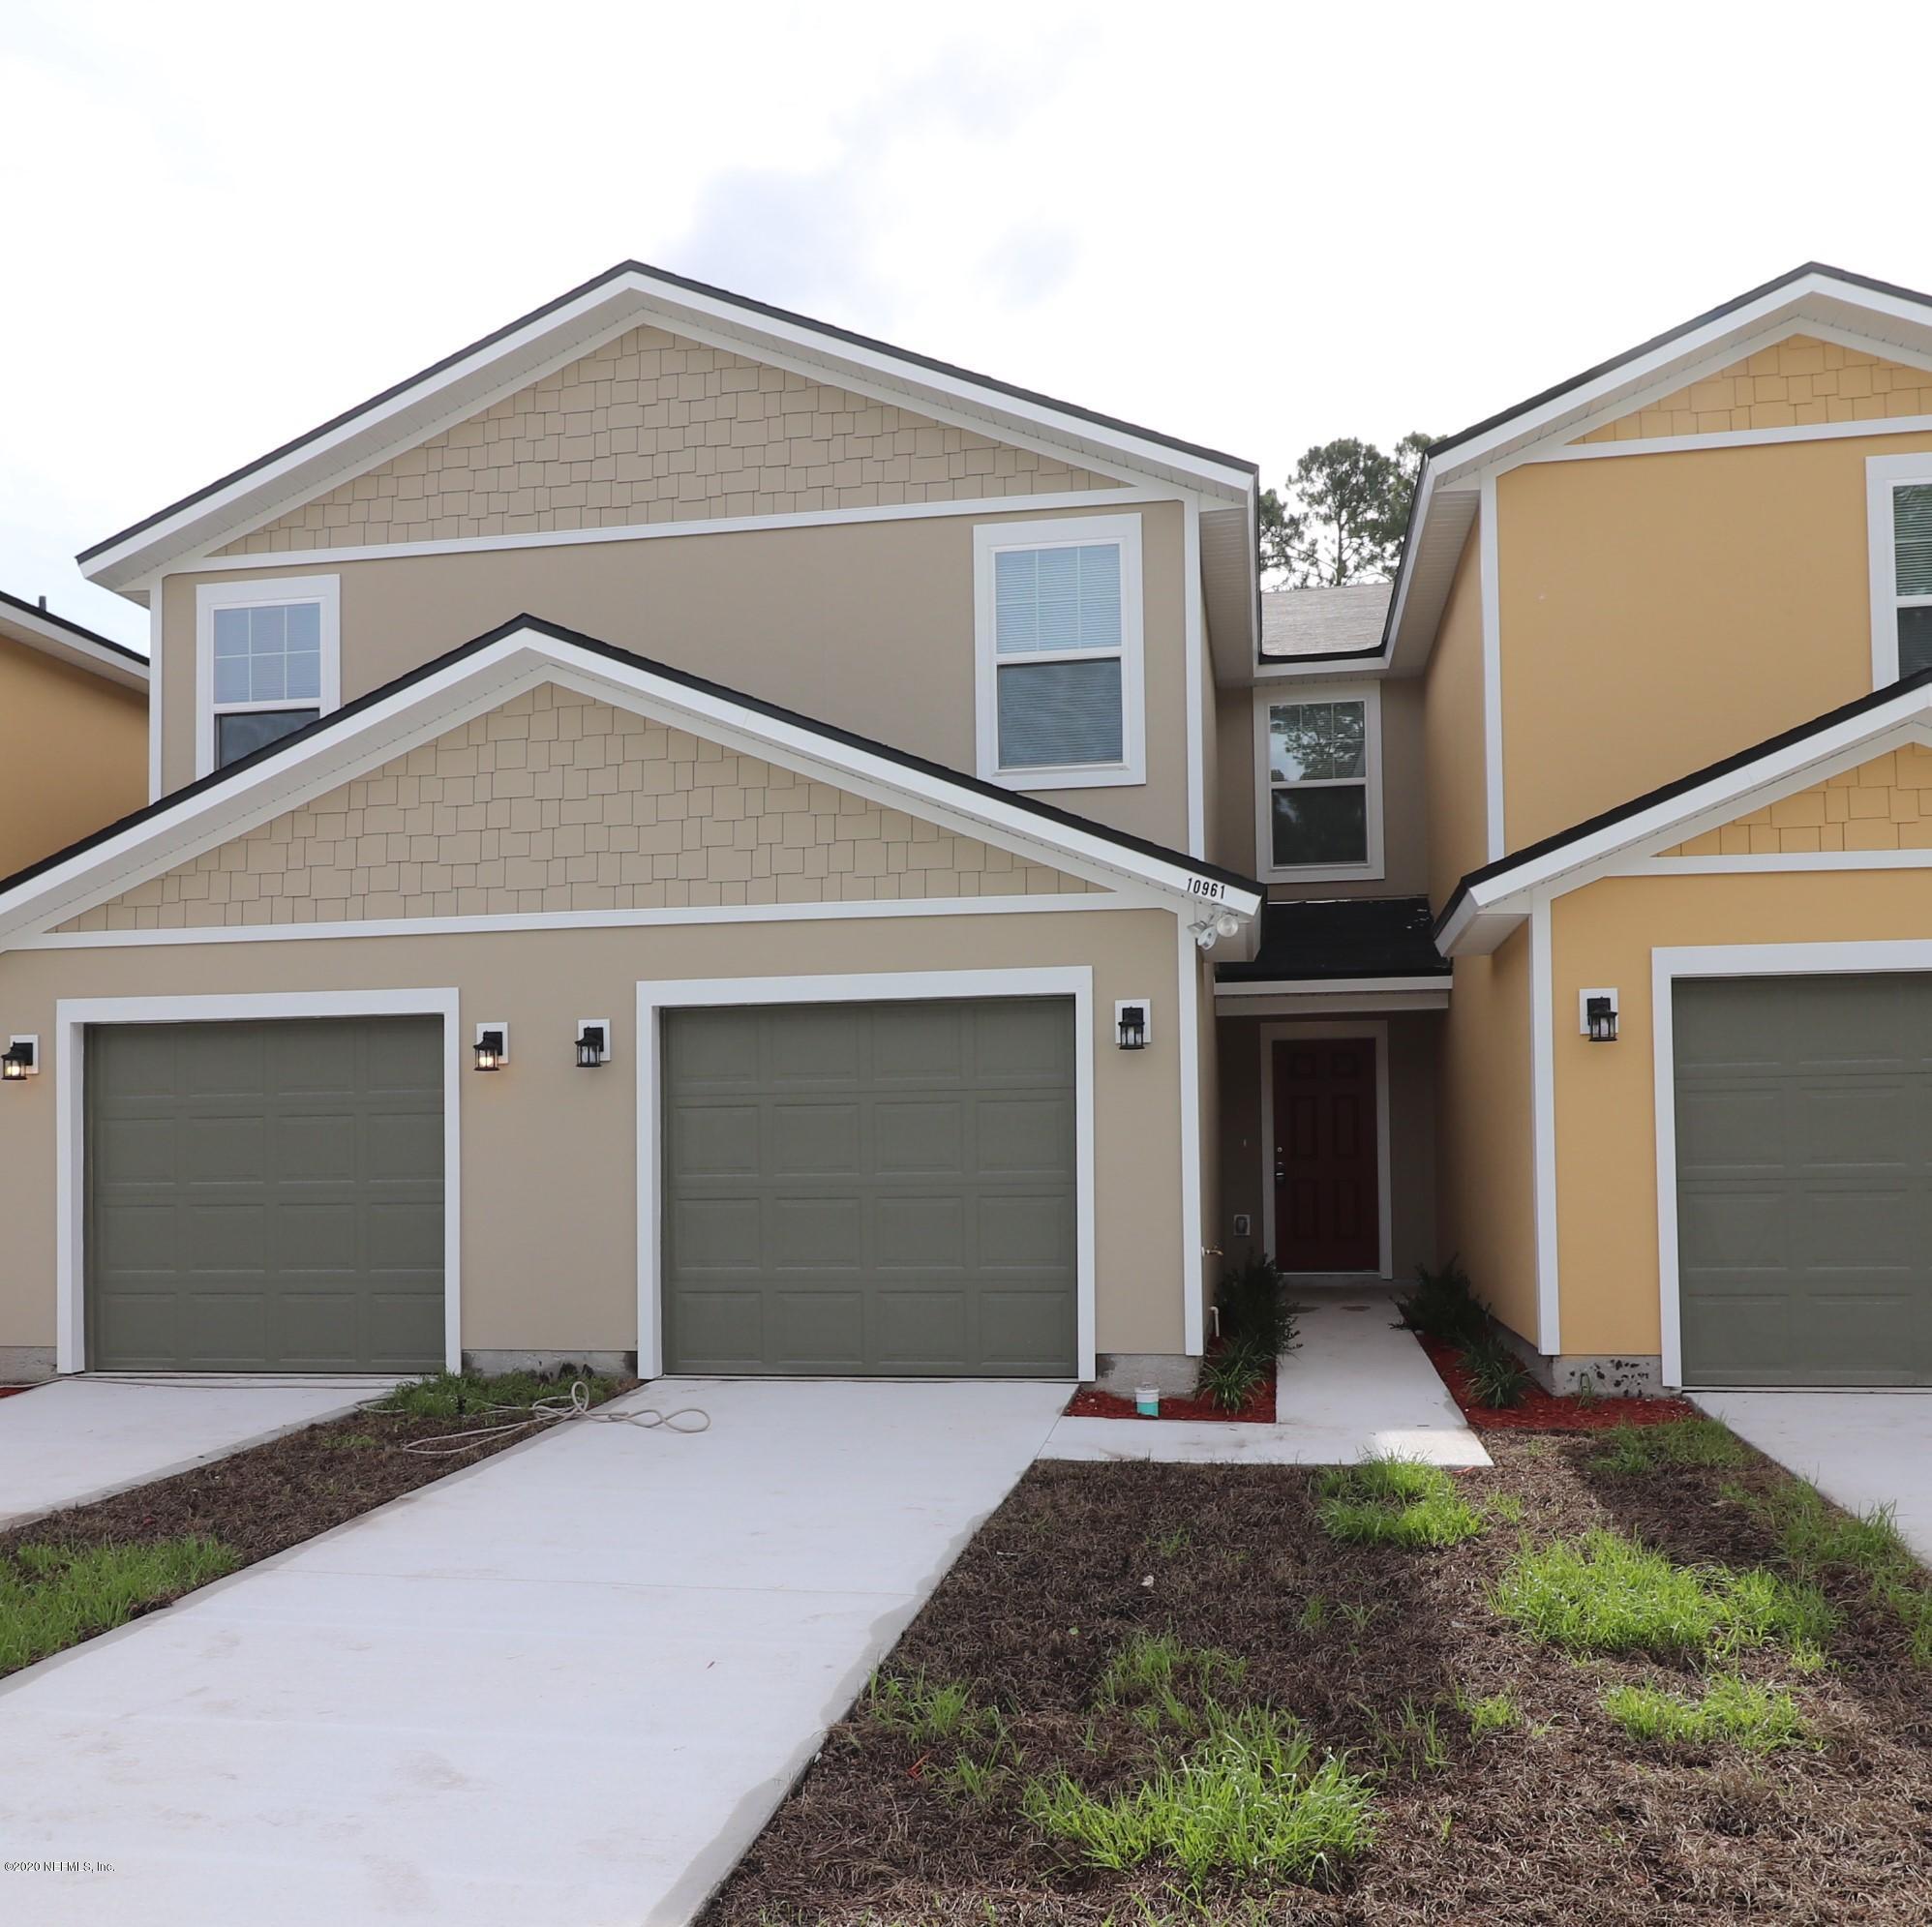 10961 HIDDEN HAVEN, JACKSONVILLE, FLORIDA 32218, 3 Bedrooms Bedrooms, ,2 BathroomsBathrooms,Rental,For Rent,HIDDEN HAVEN,1057656